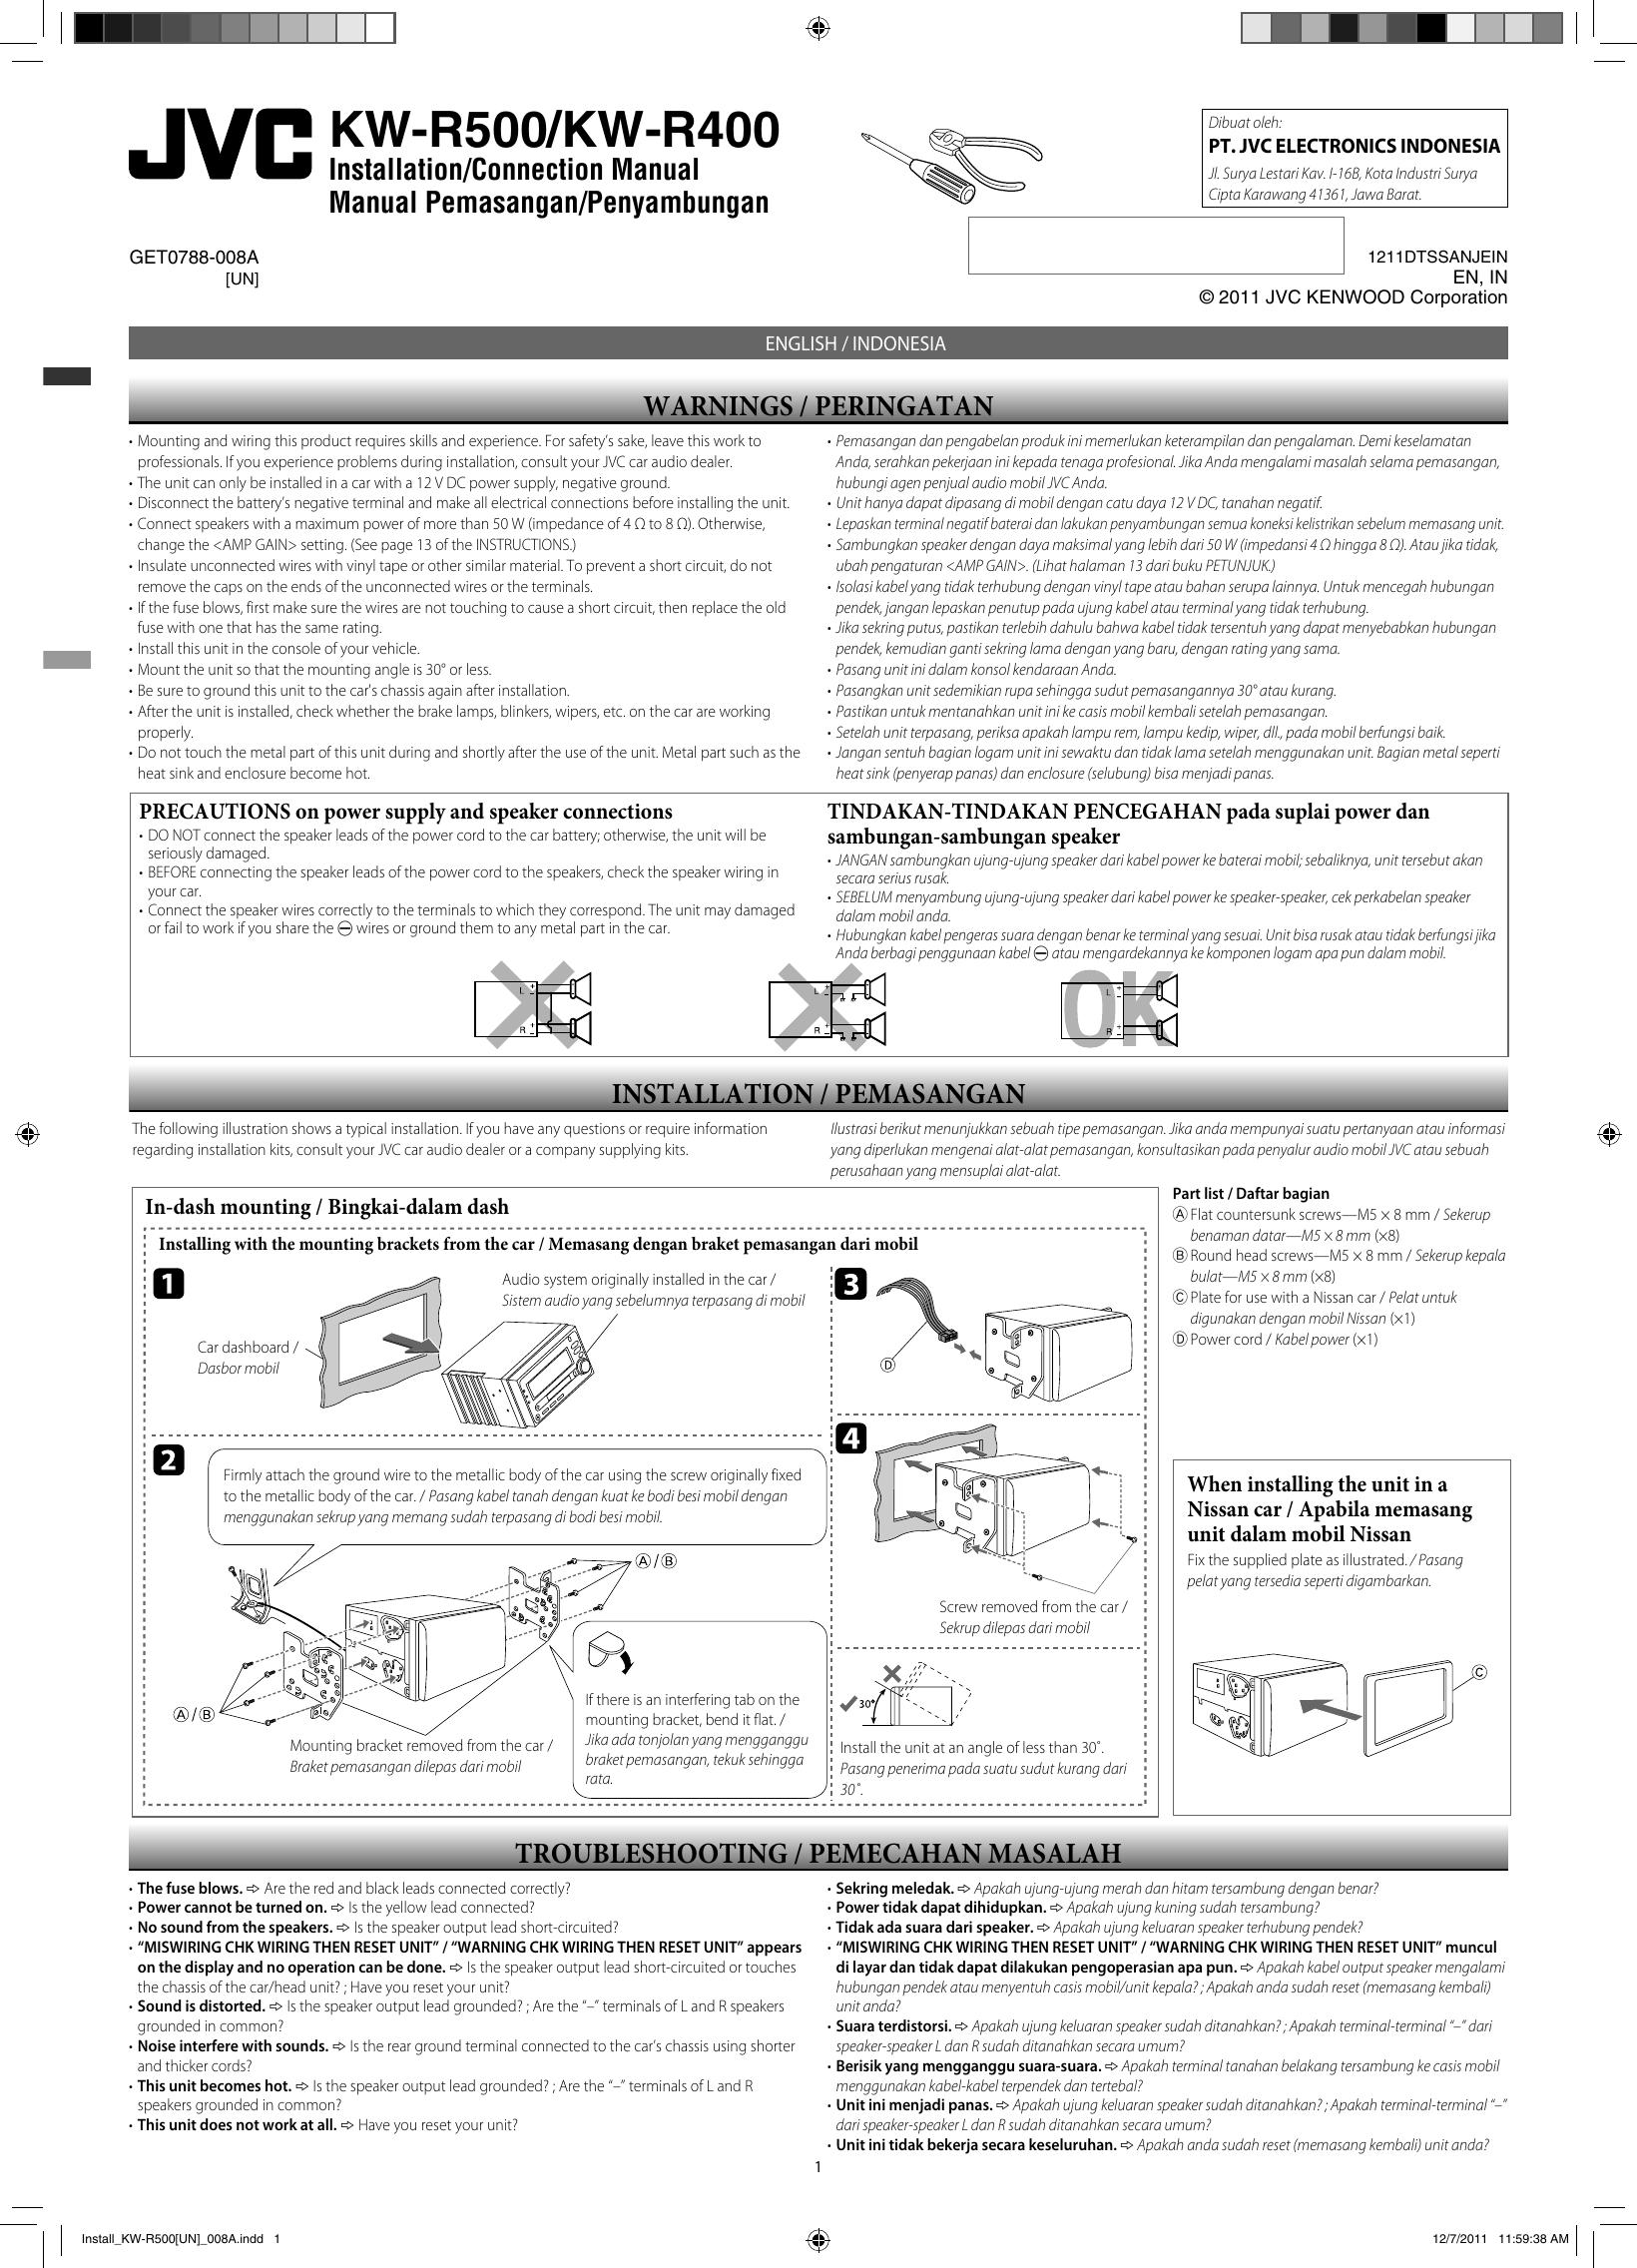 jvc kwr500 manual